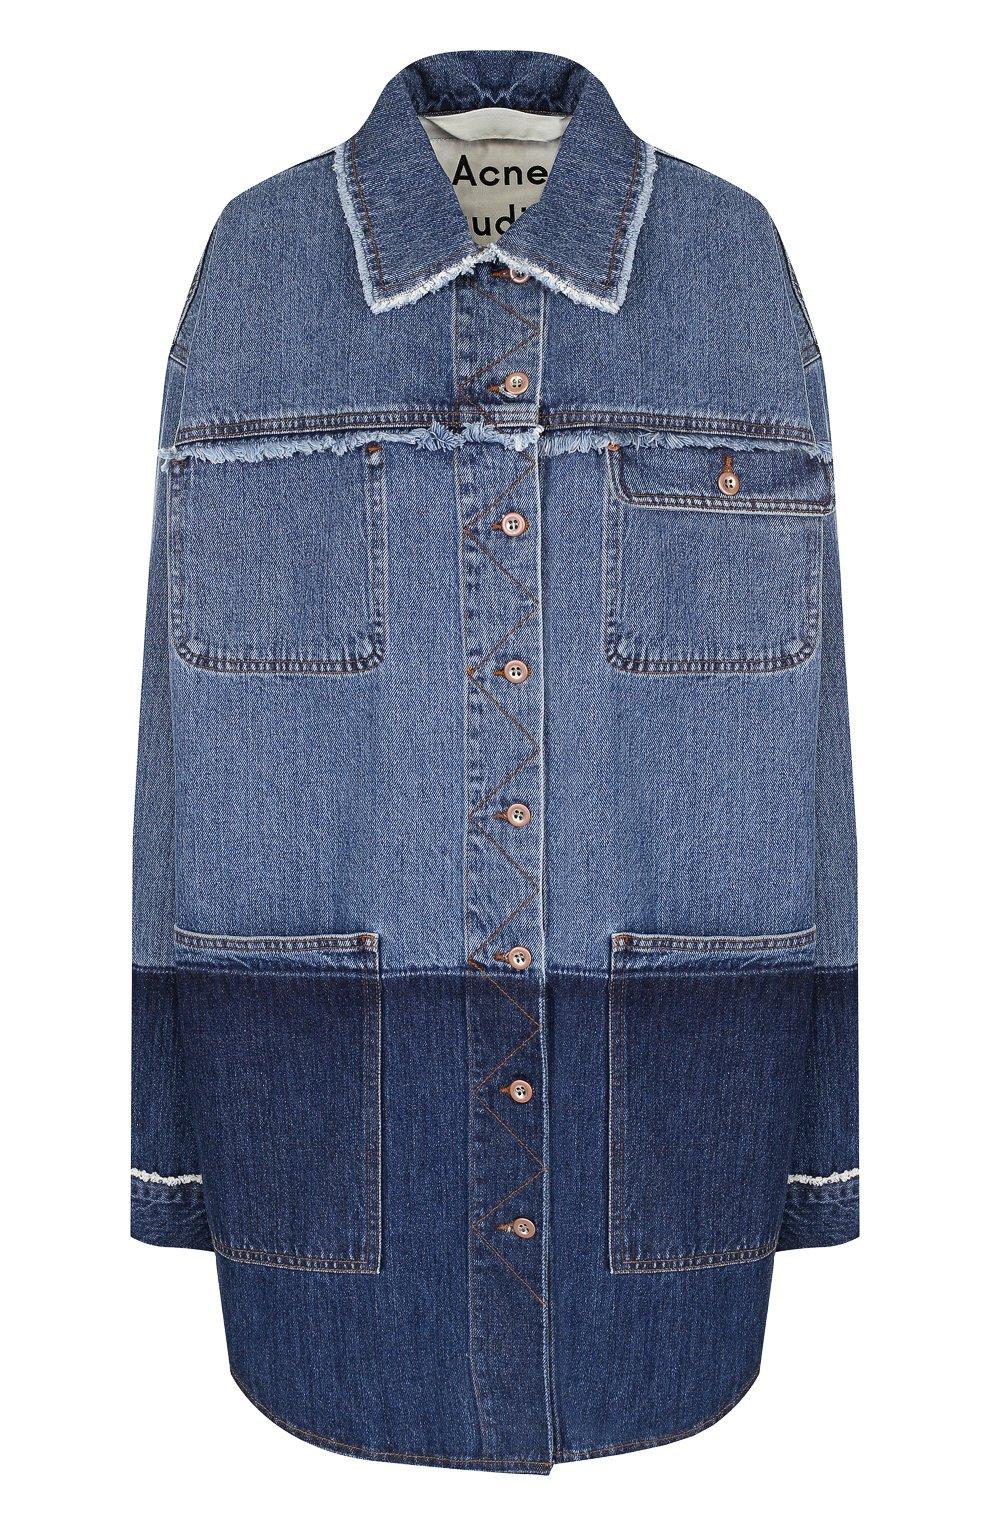 991adef60f4 Женская синяя удлиненная джинсовая куртка с потертостями ACNE ...